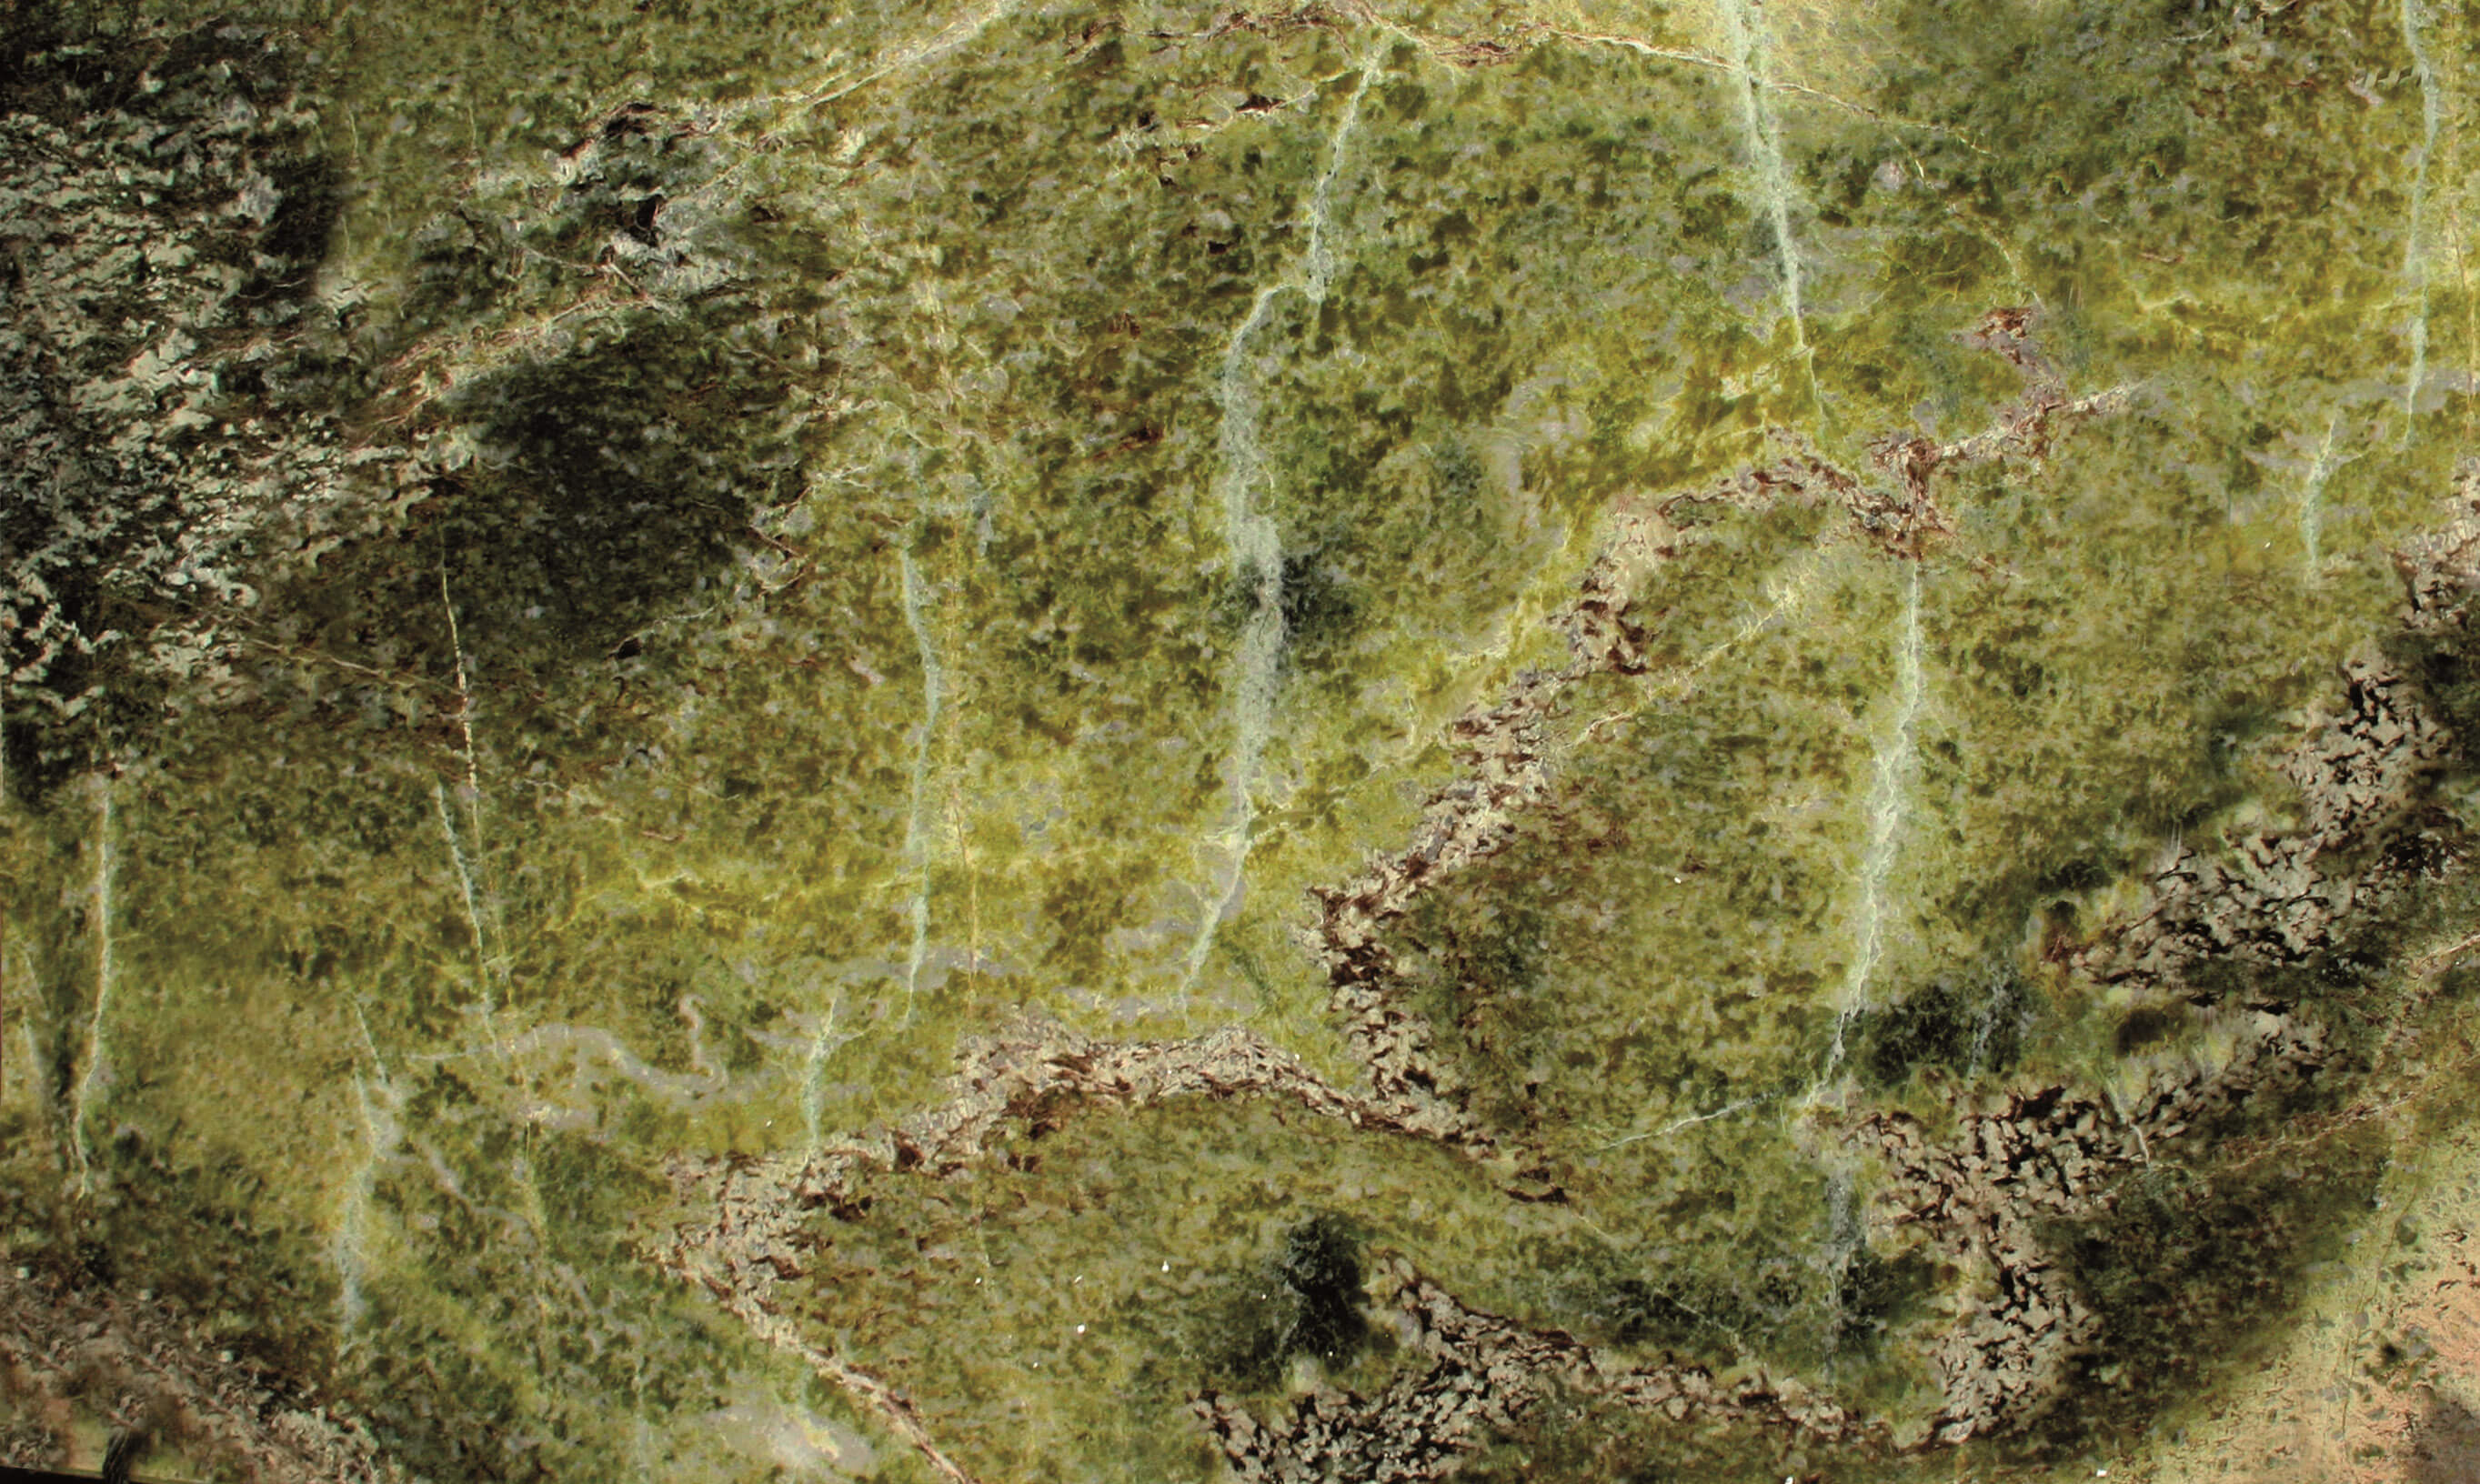 Antolini Naturstein Irish Green Irish Green ist ein Marmor, der in Grüntönen glorifiziert und uneinheitliche Farbtöne und Schattierungen aufweist, die von dunkel nach hell übergehen. Es ist Teil des Antolini-Sortiments und weist einige weißliche Adern und andere in einer durchscheinenden Apfelfarbe auf, die ihn zu einem einzigartigen Stein der Welt macht. Dieser geologisch antike Stein wurde von Renaissancearchitekten verwendet, um die Farben der Felder und Wälder zu den prächtigen Palästen zu bringen, die sie mit großartigen Werken schmückten, die noch heute von Touristen aus der ganzen Welt bewundert werden. Dank seiner vielfältigen Äderungen ermöglicht Irish Green die Erstellung ungewöhnlicher Muster und macht jede Arbeit einzigartig und unwiederholbar.